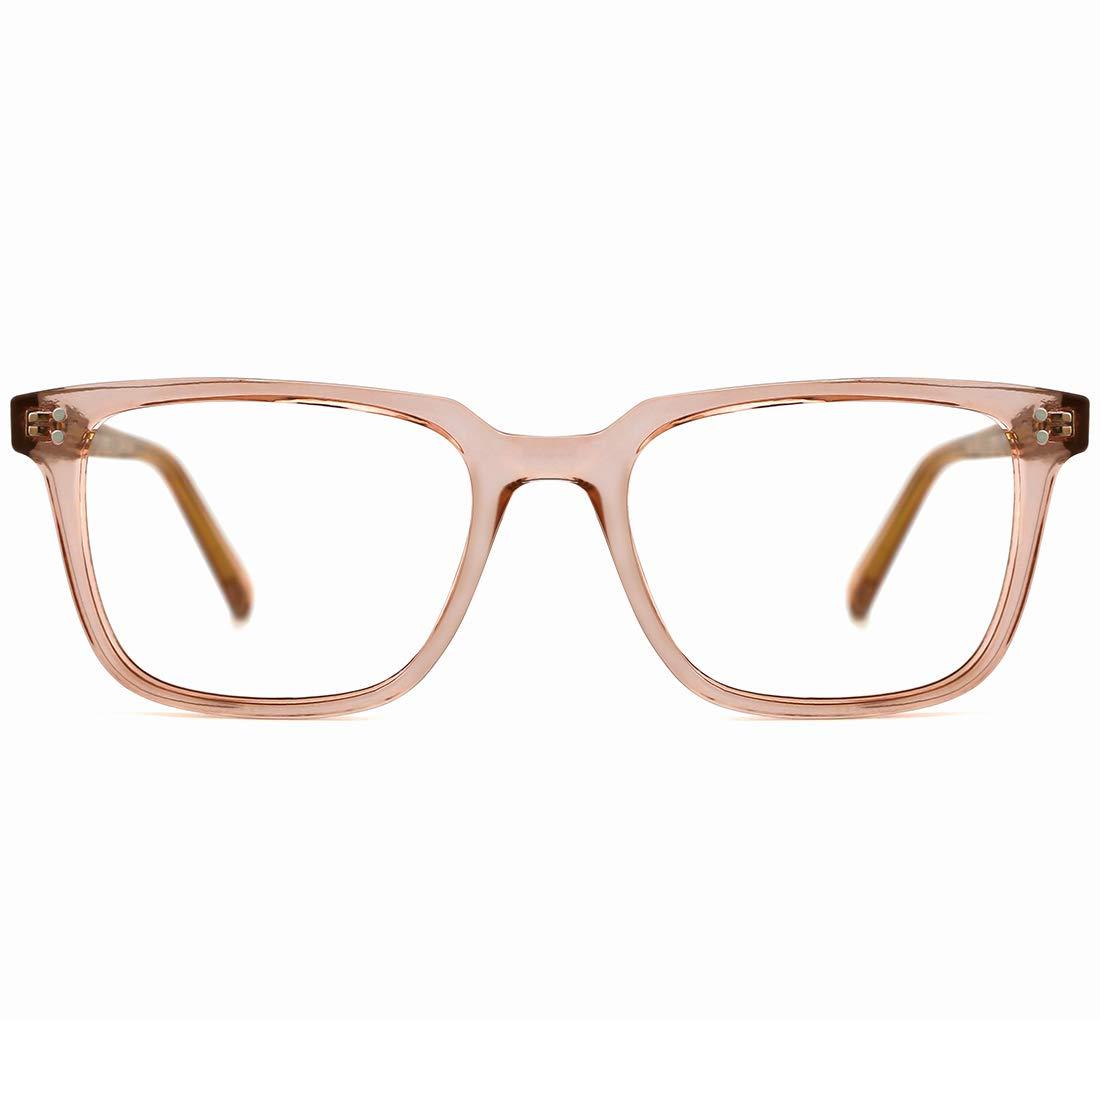 TIJN Blue Light Filter Computer Glasses for Blocking UV Harmful Rays Retro Eyeglasses for Women Men